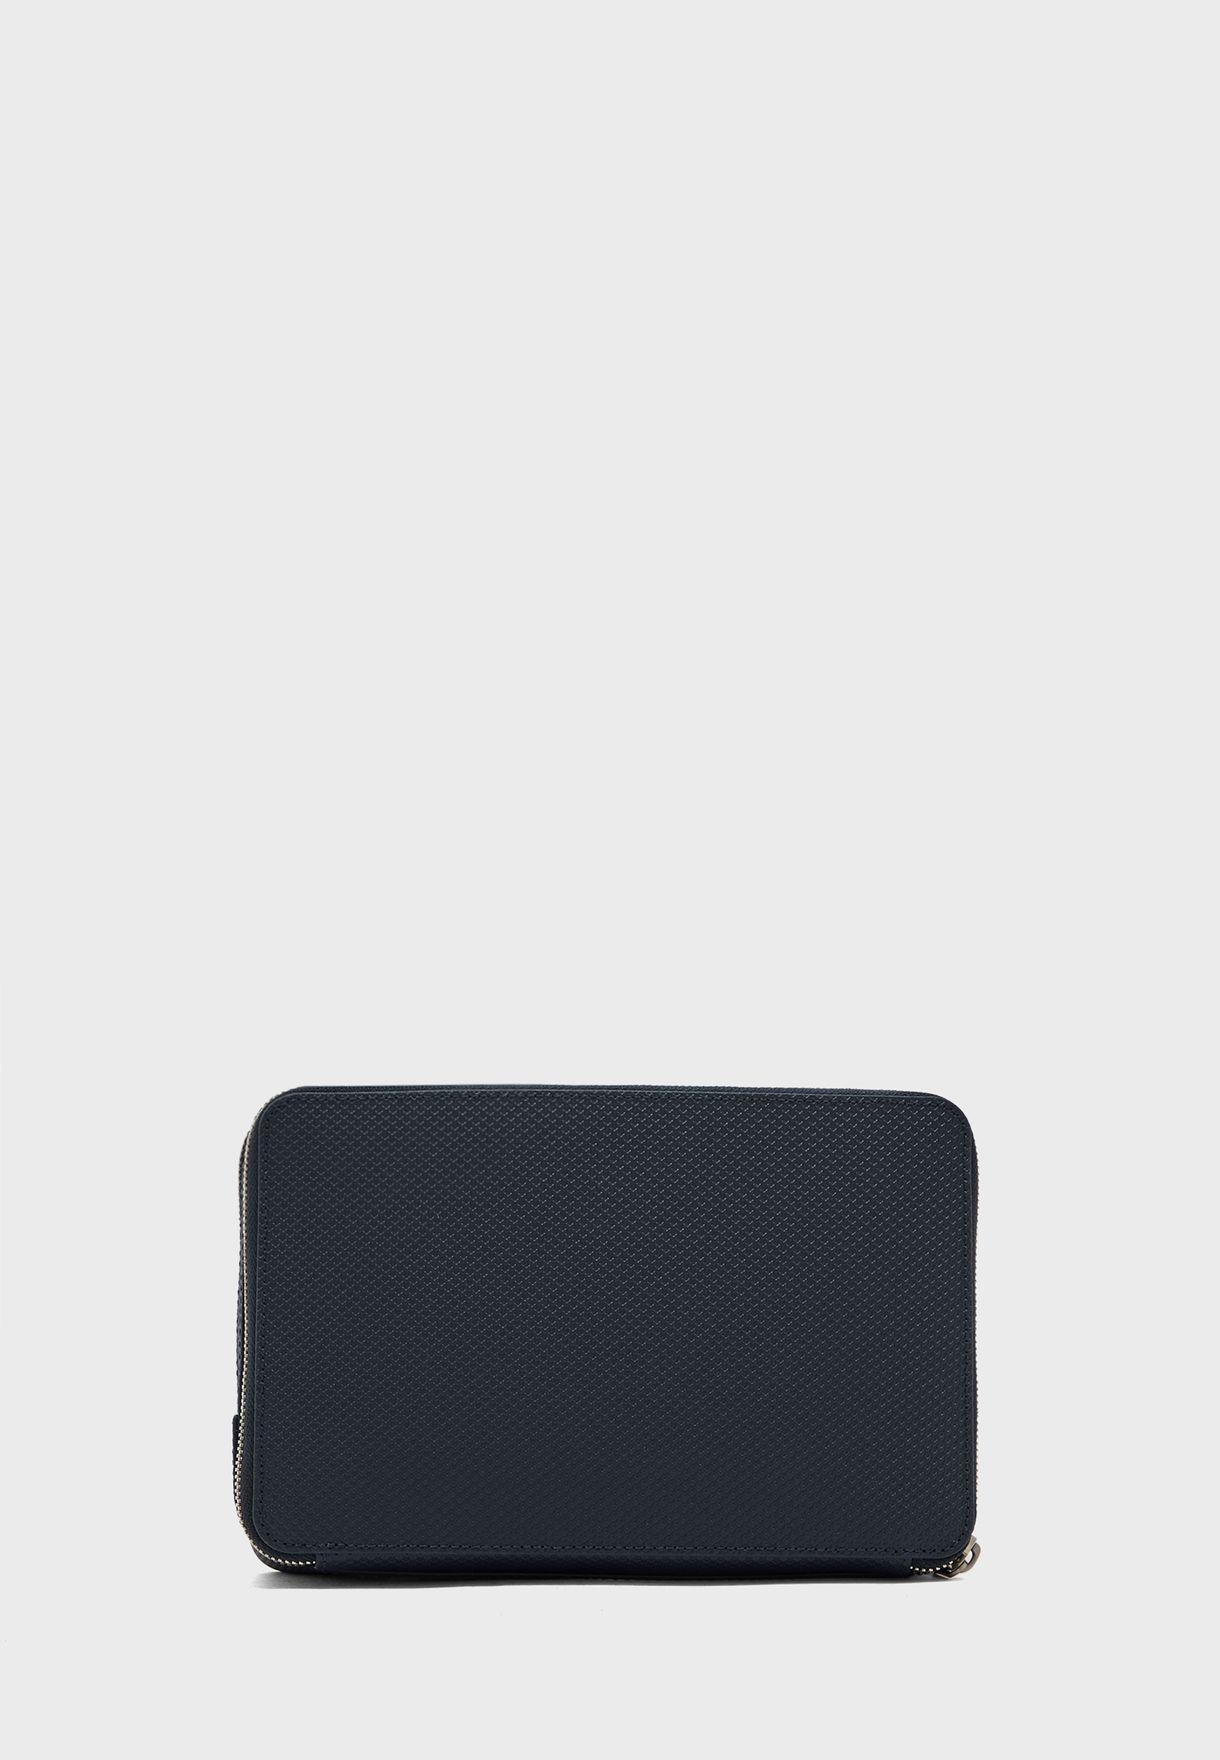 Chantaco Piqué Leather Zip Pouch